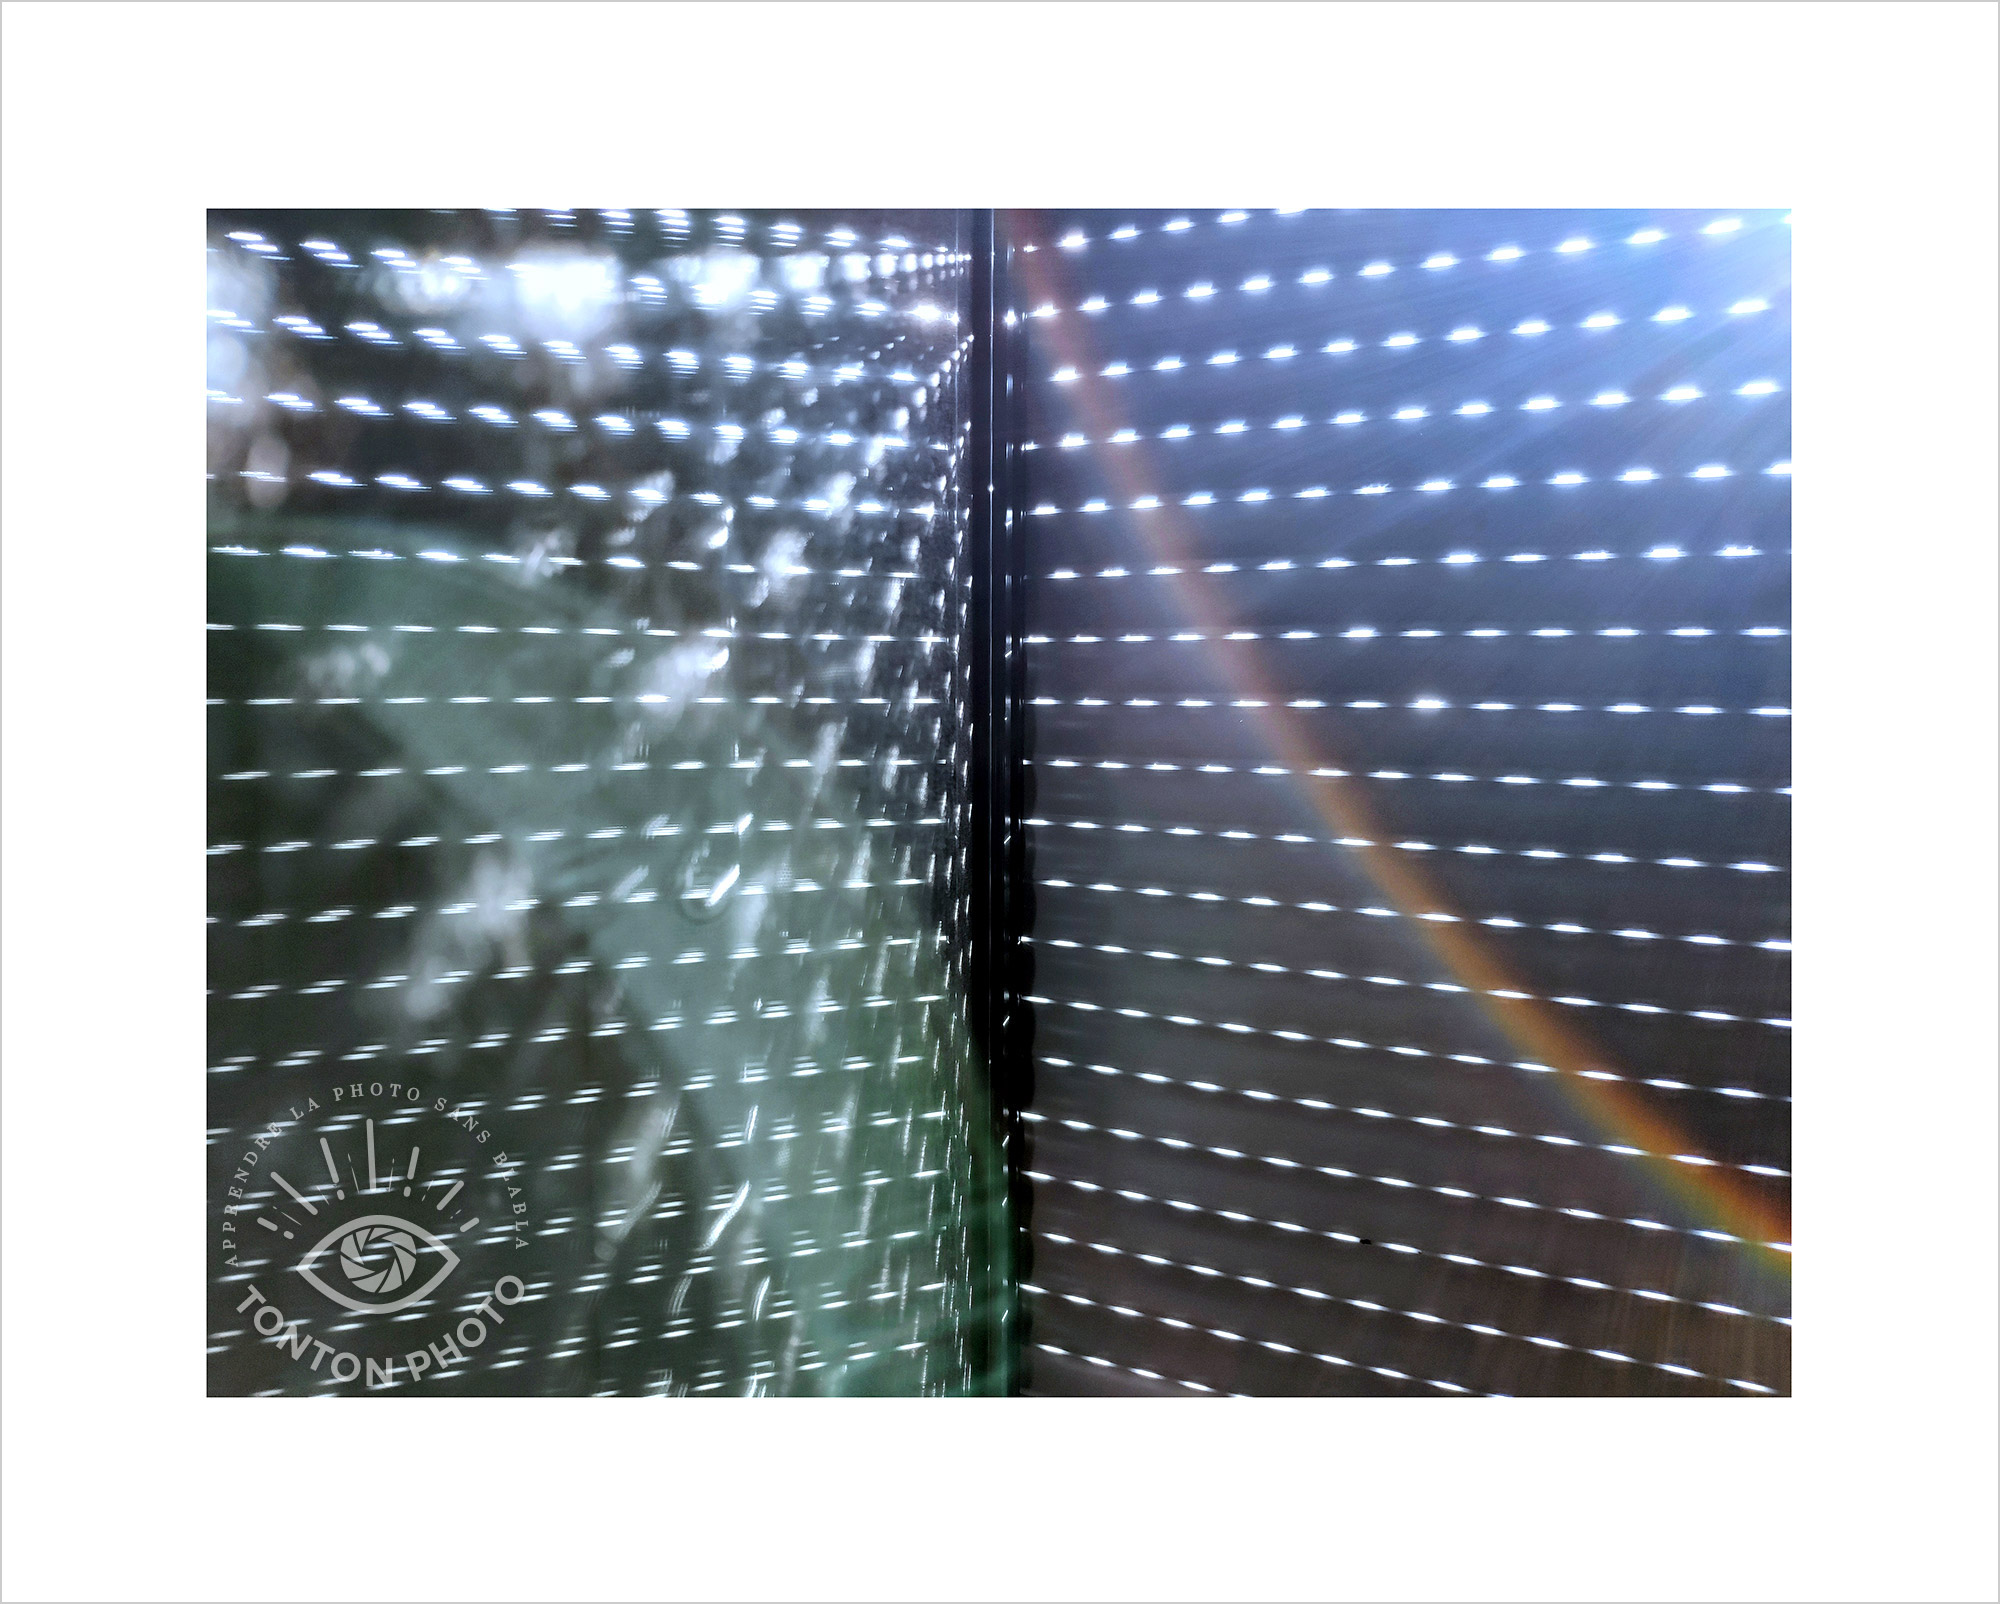 Au lever du jour, jeu d'ombre et de lumière à travers les volets de la chambre et leur reflet dans la vitre. Photo prise au smartphone Xiaomi Mi Mix 3 © Tonton Photo